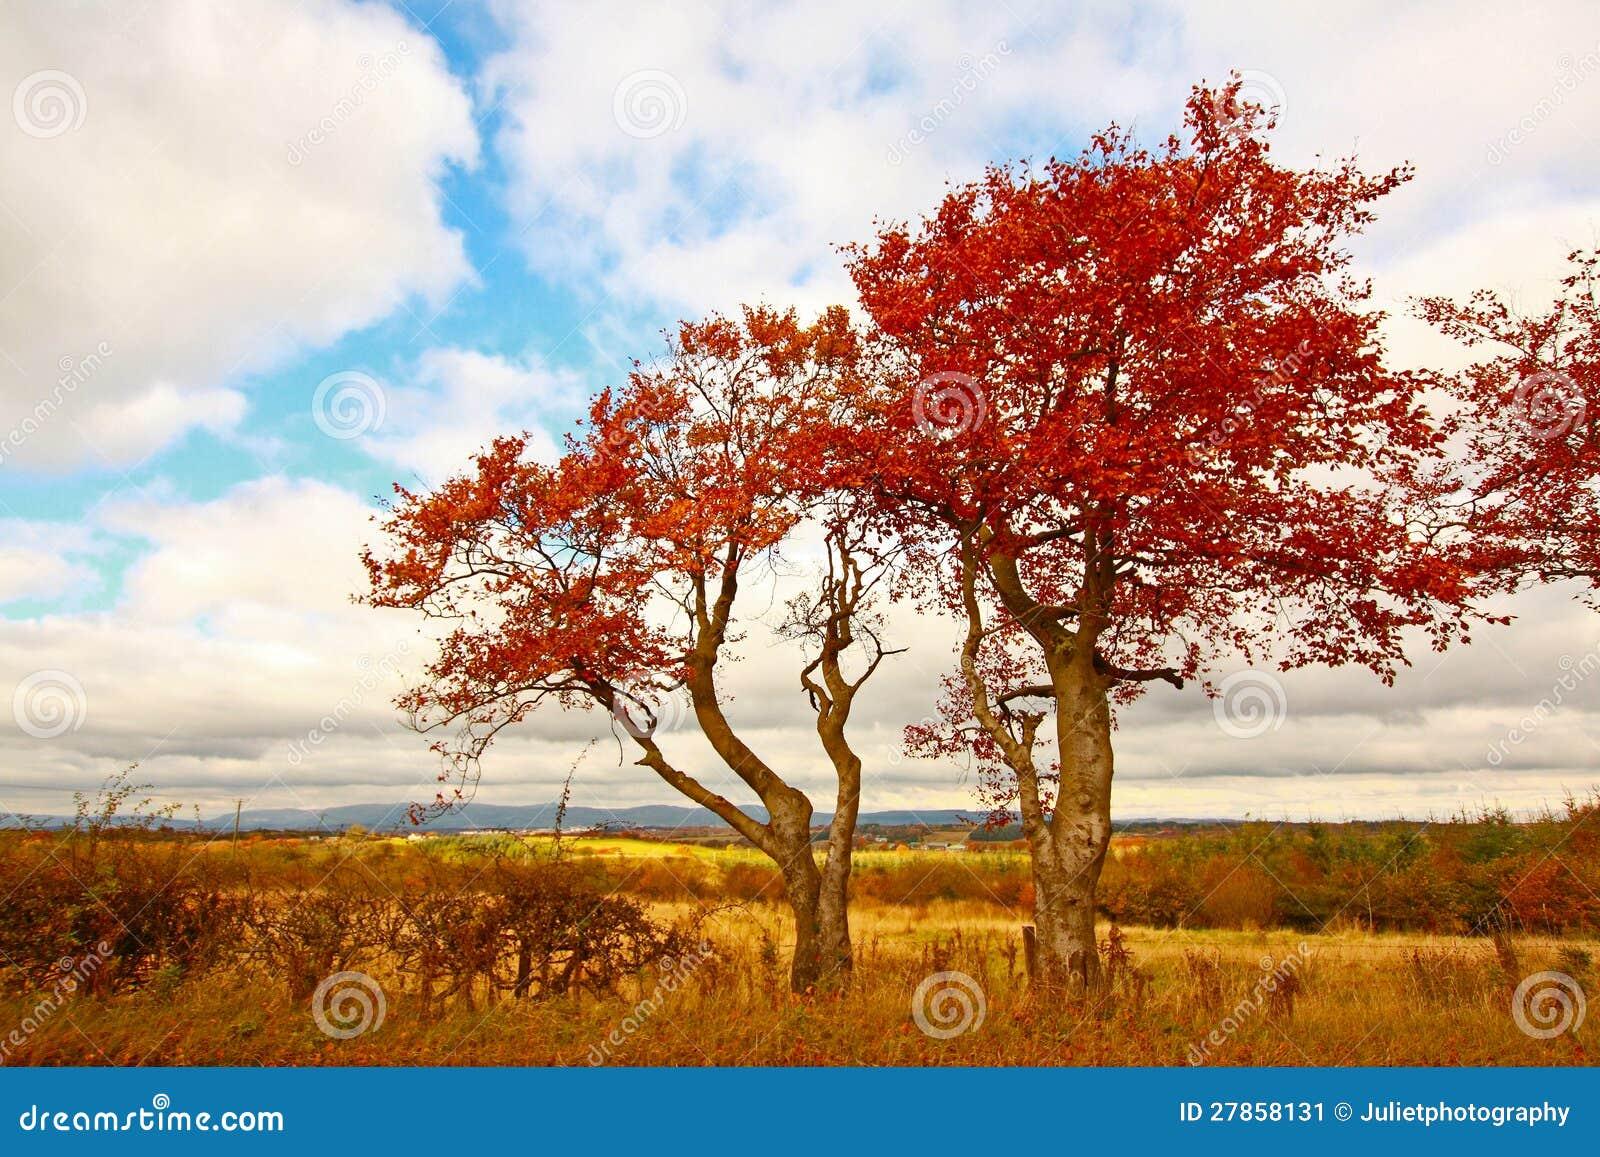 Cudowna jesienna scena z polami i drzewami.